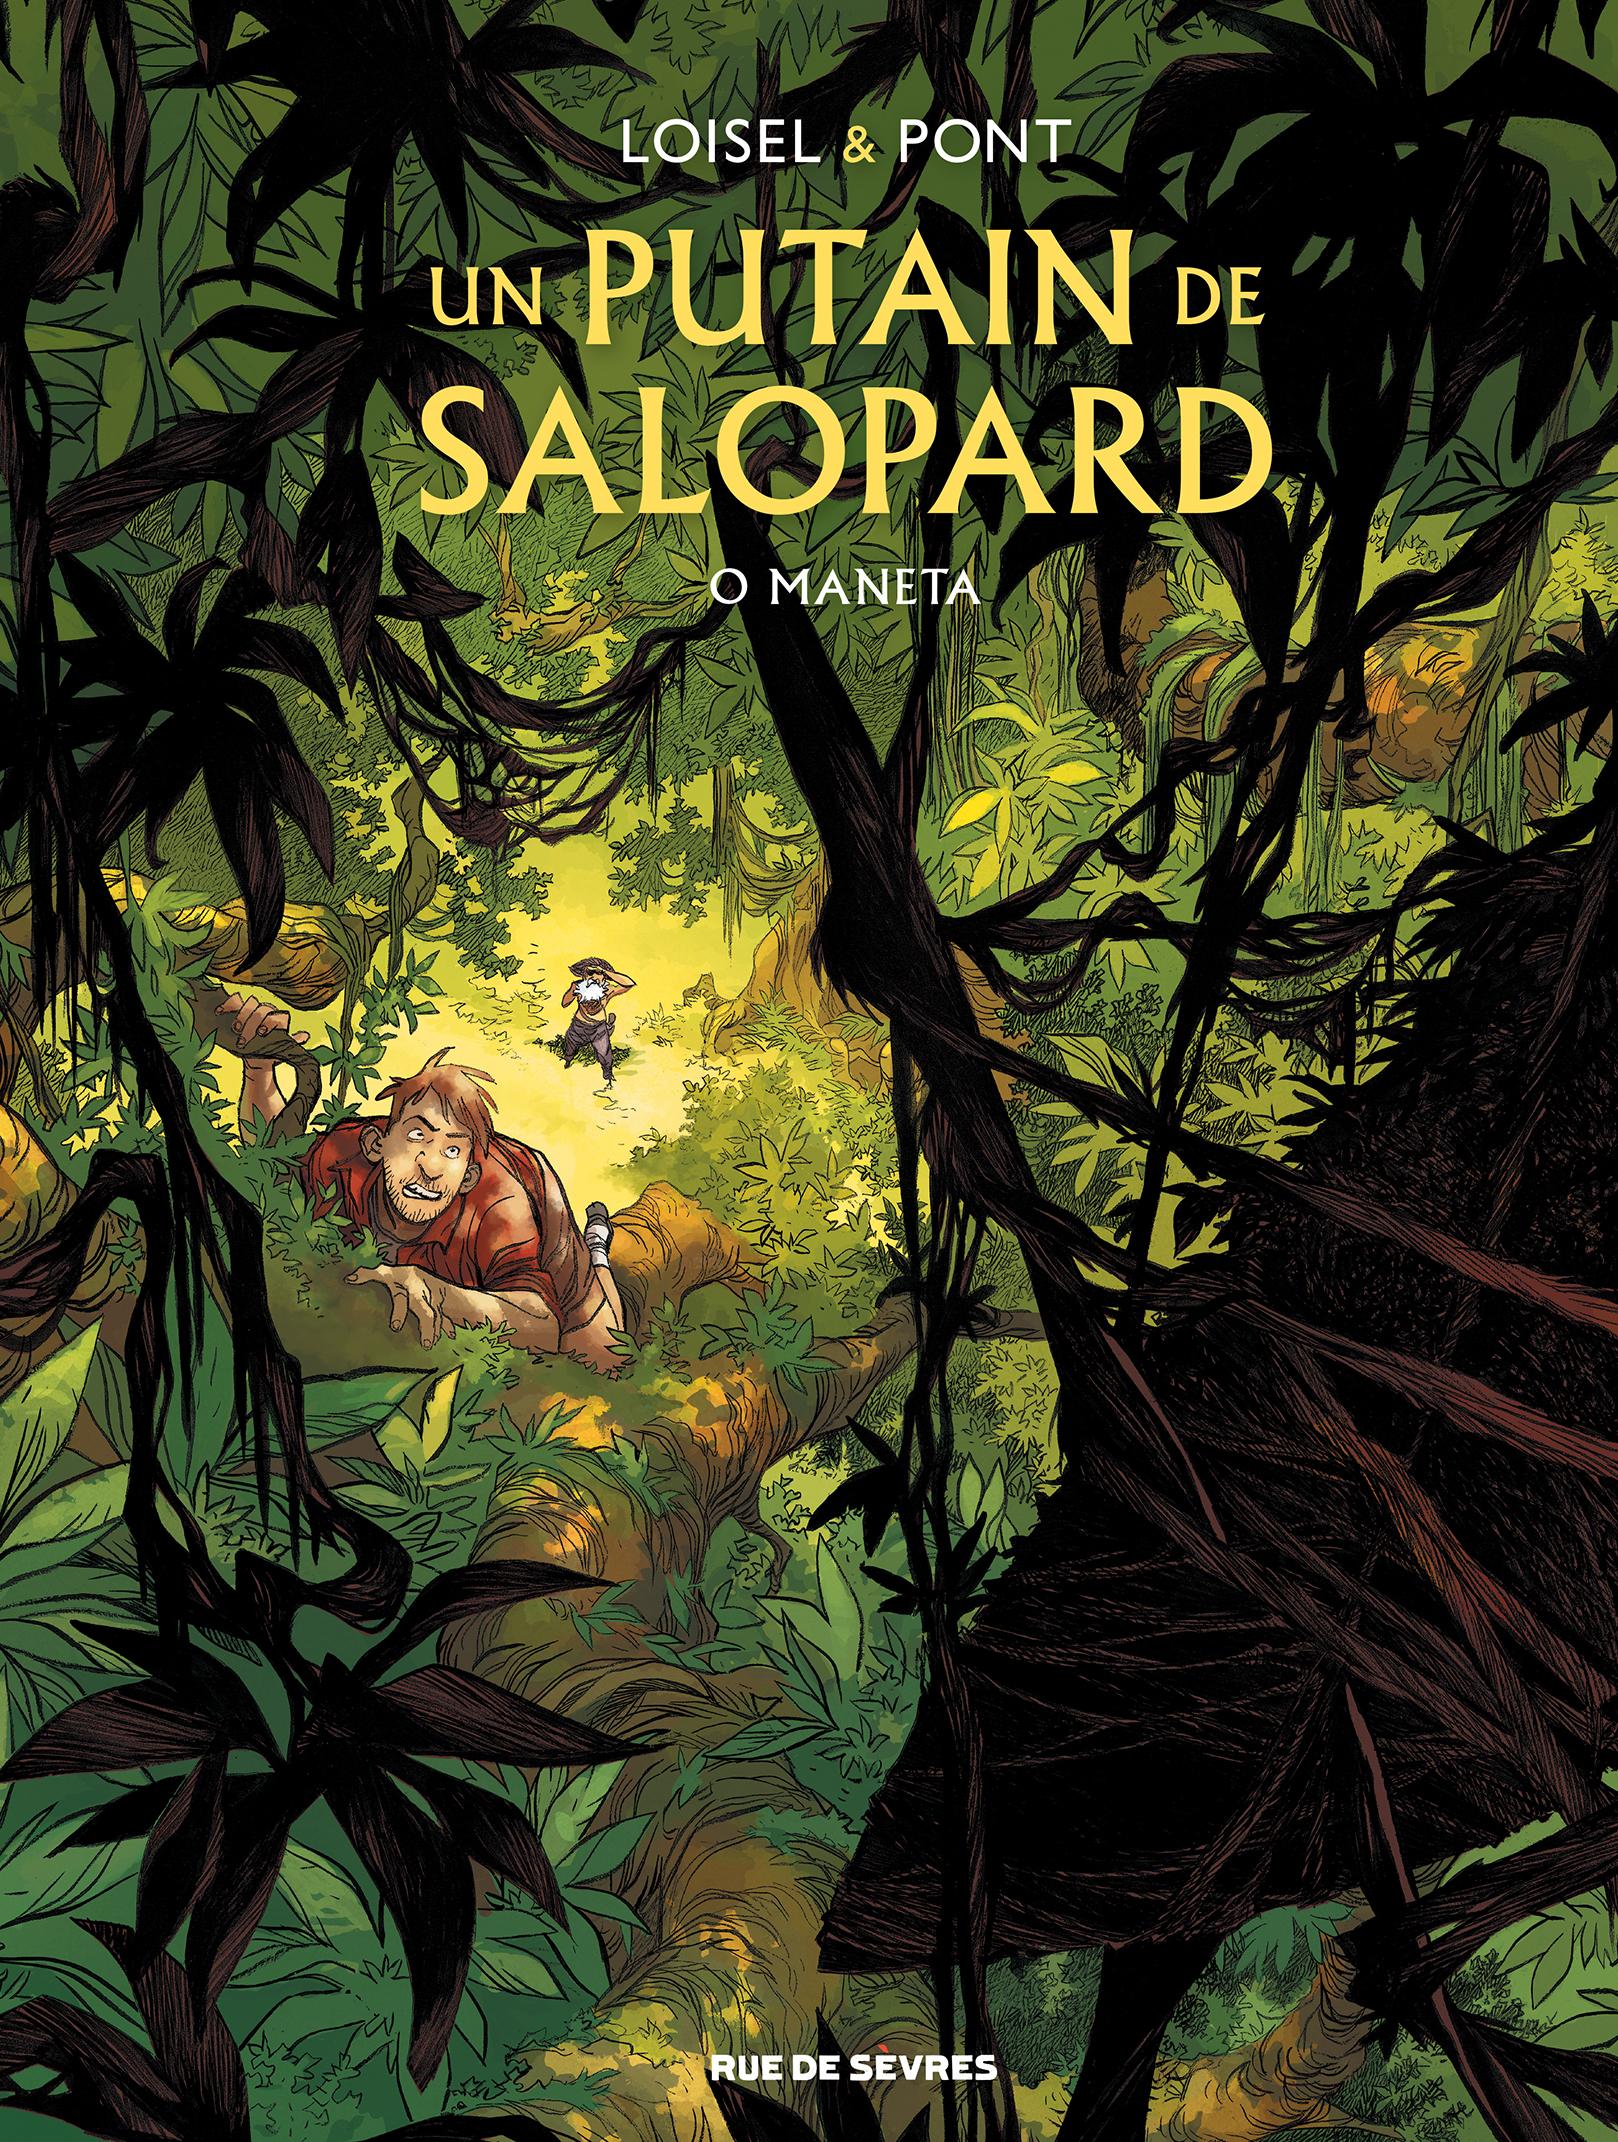 PUTAIN DE SALOPARD TOME 2 (UN)